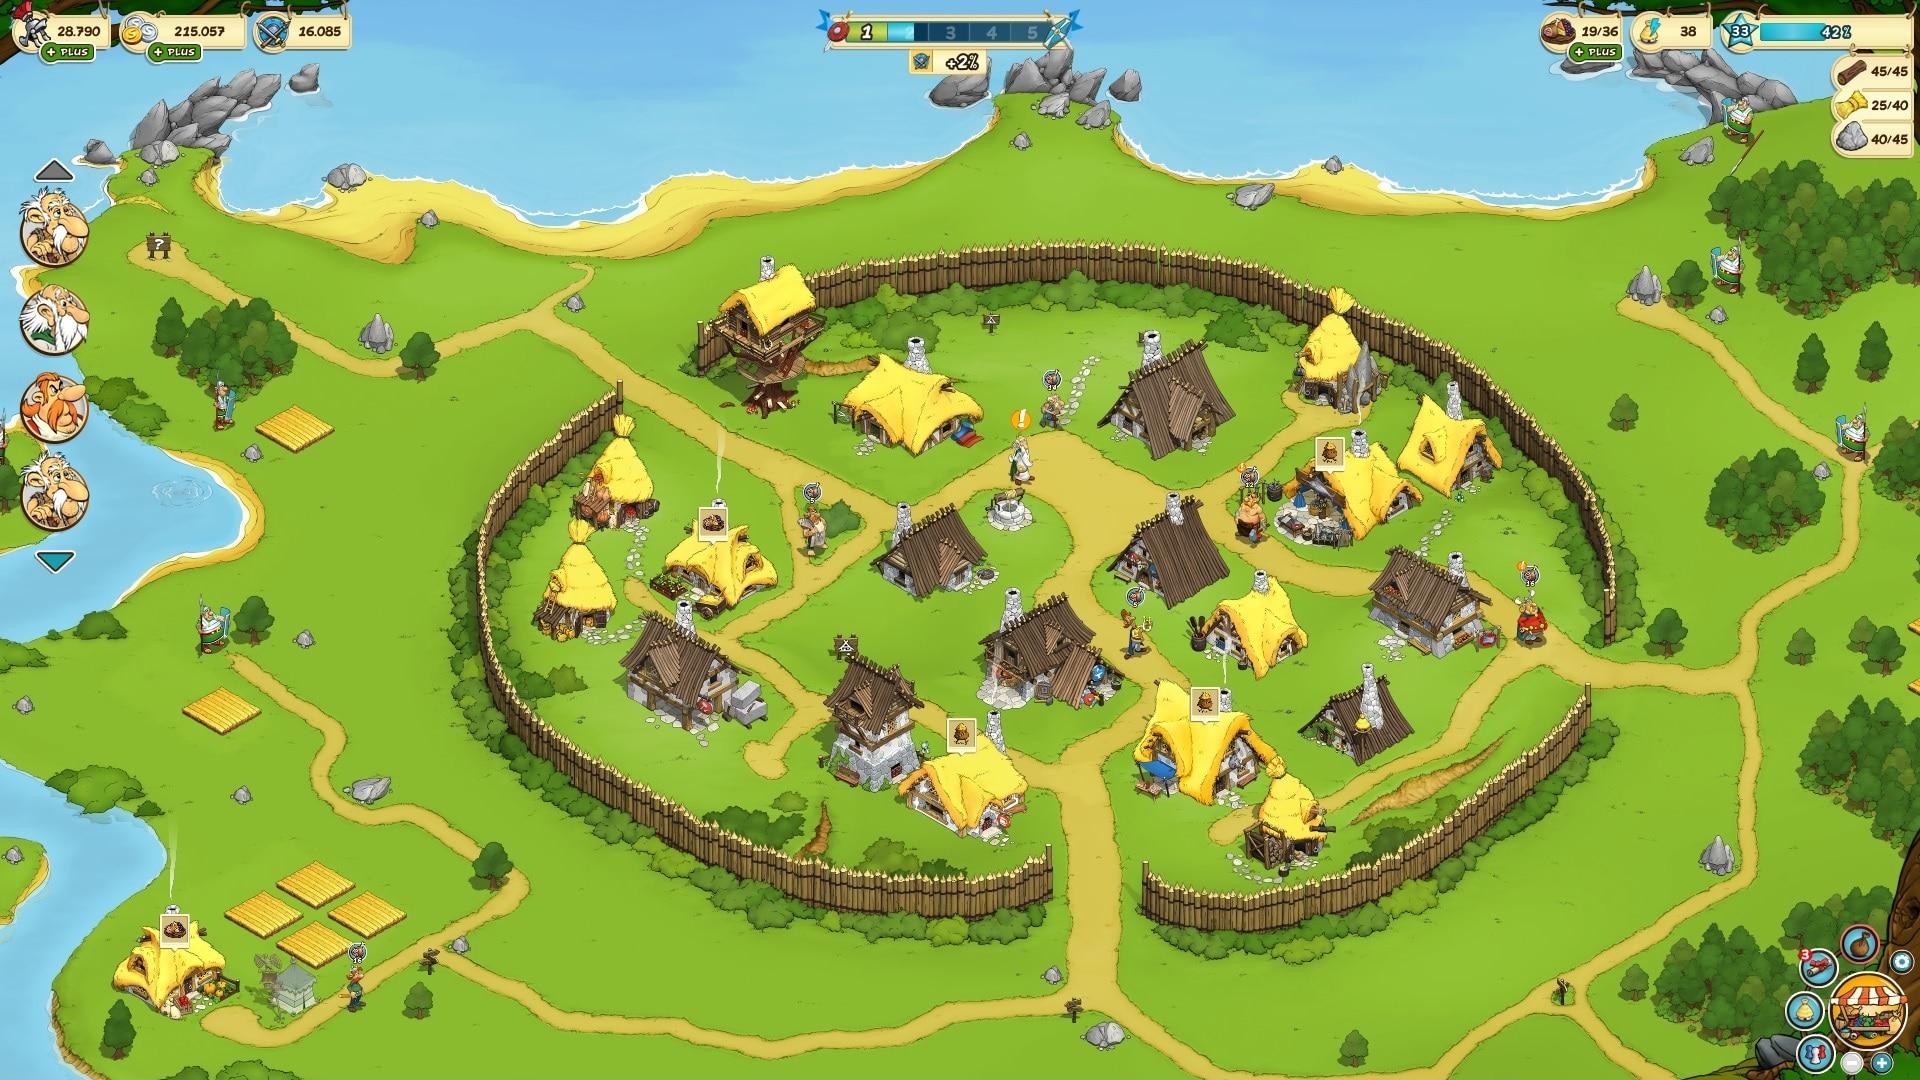 asterix et ses amis test du jeu de gestion jeux f2p blog jeu. Black Bedroom Furniture Sets. Home Design Ideas